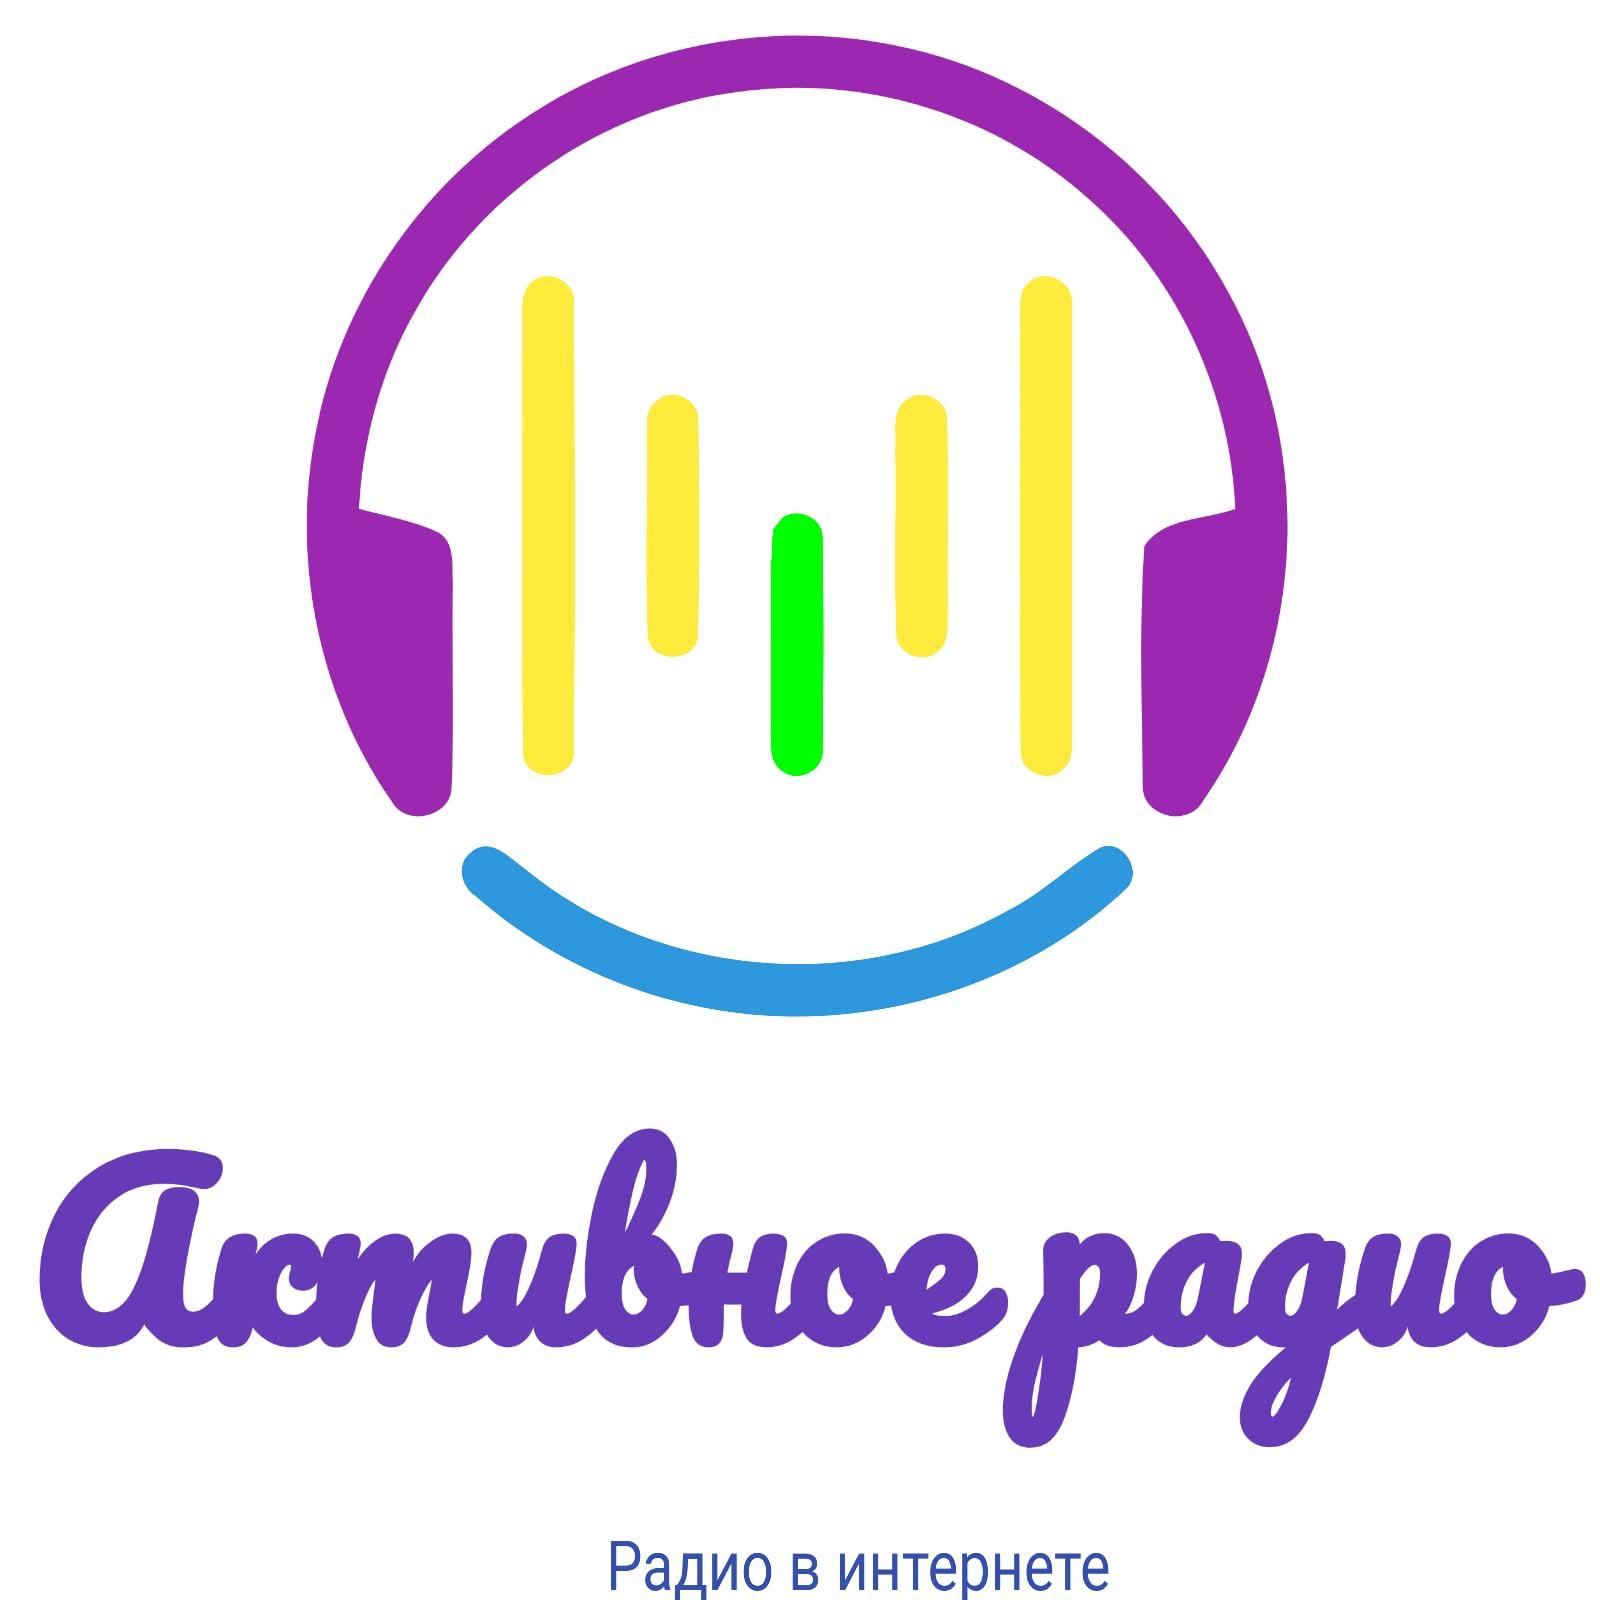 Активное радио | Active radio